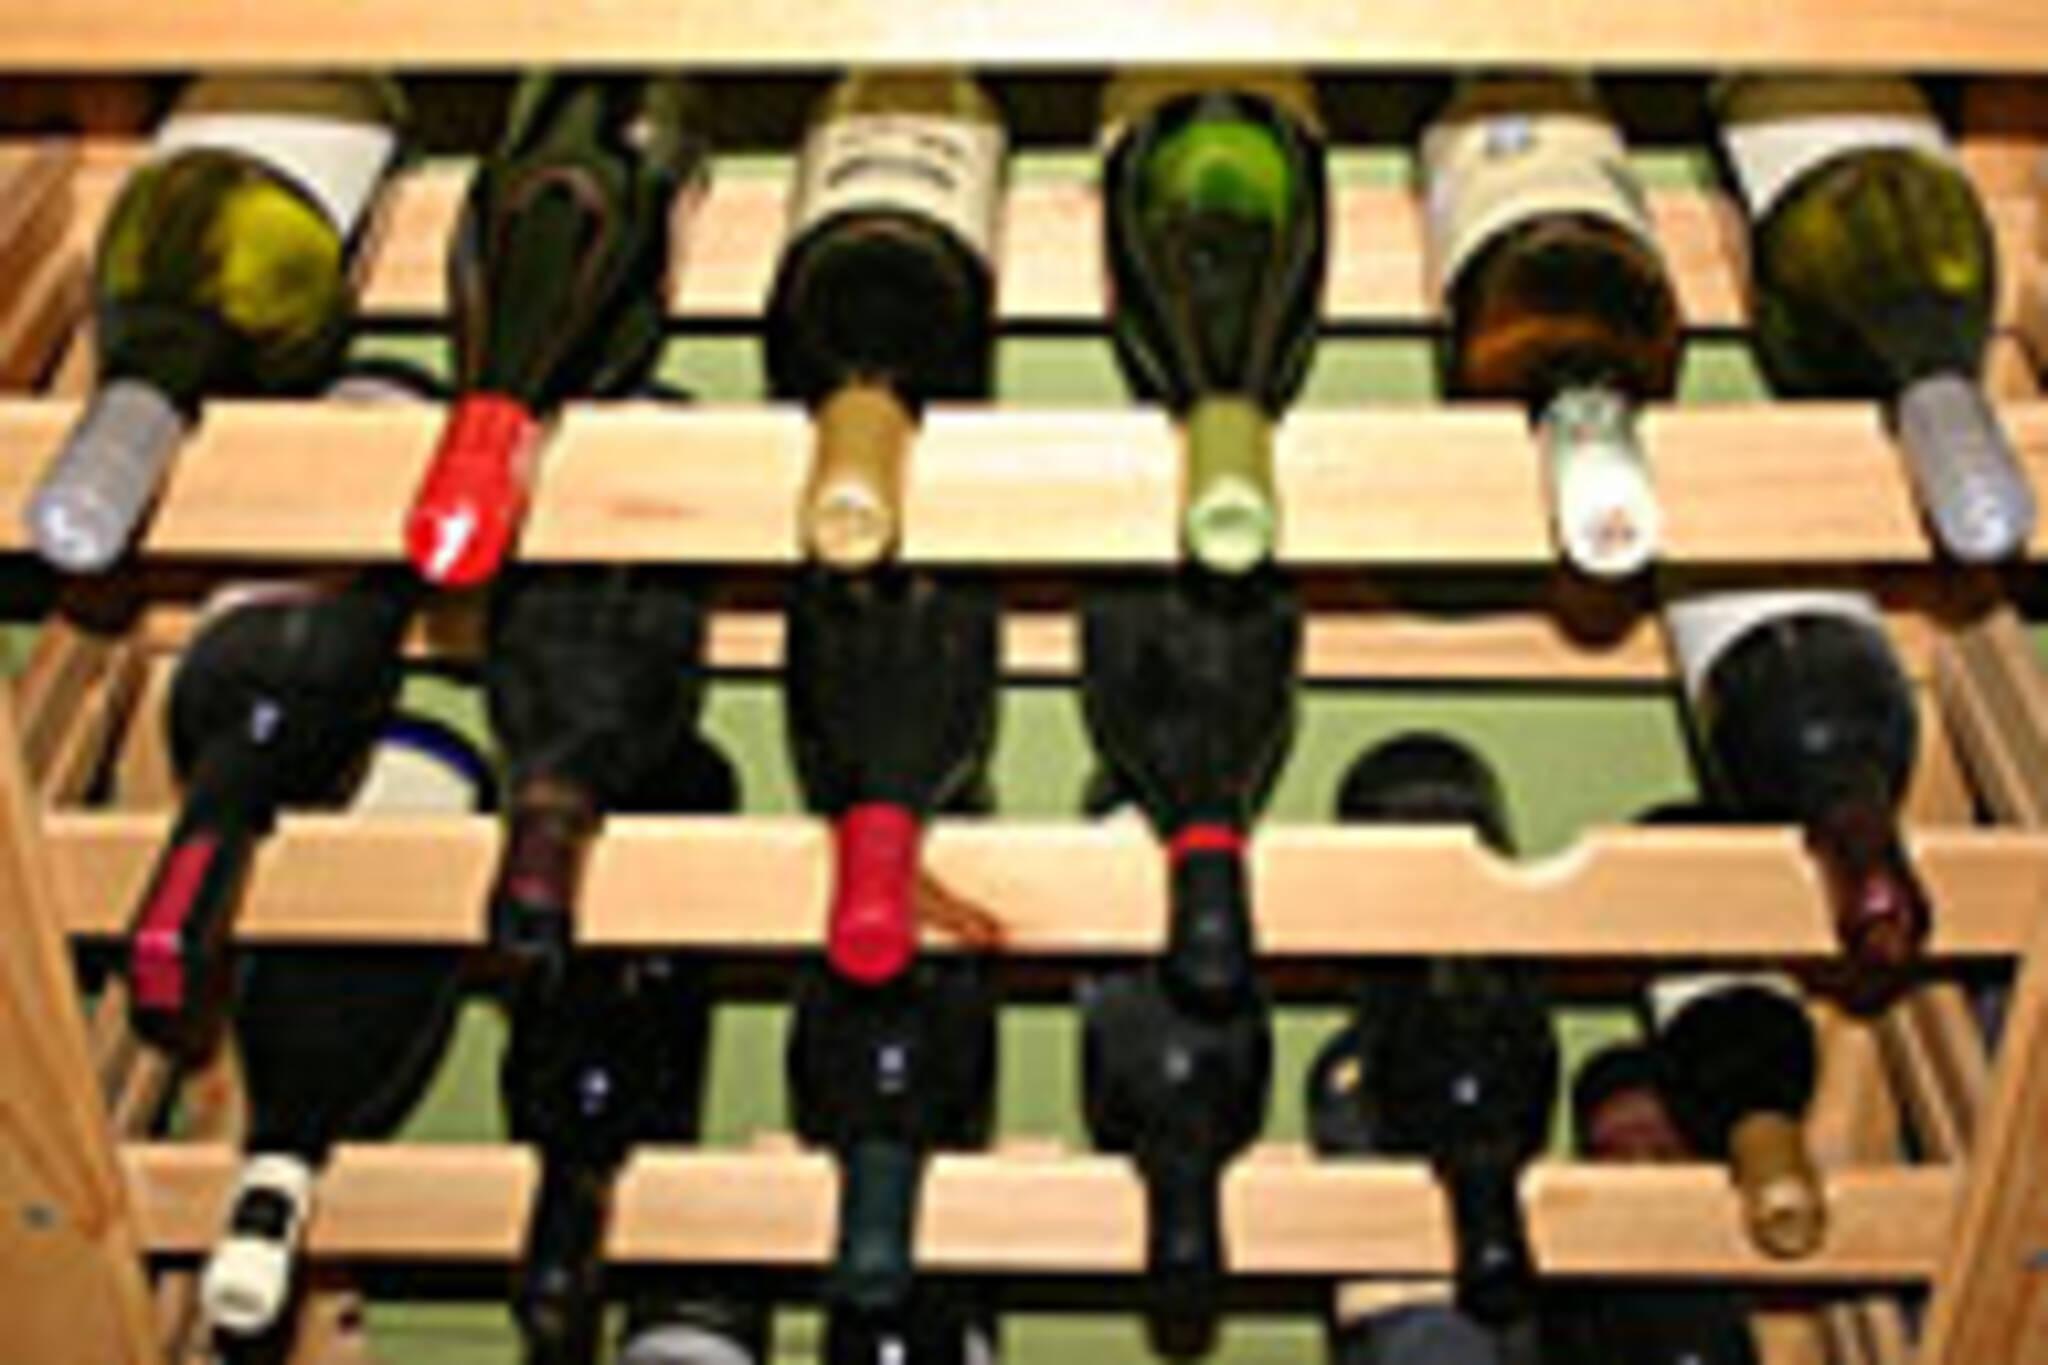 Ahhh, the joys of a well stocked cellar